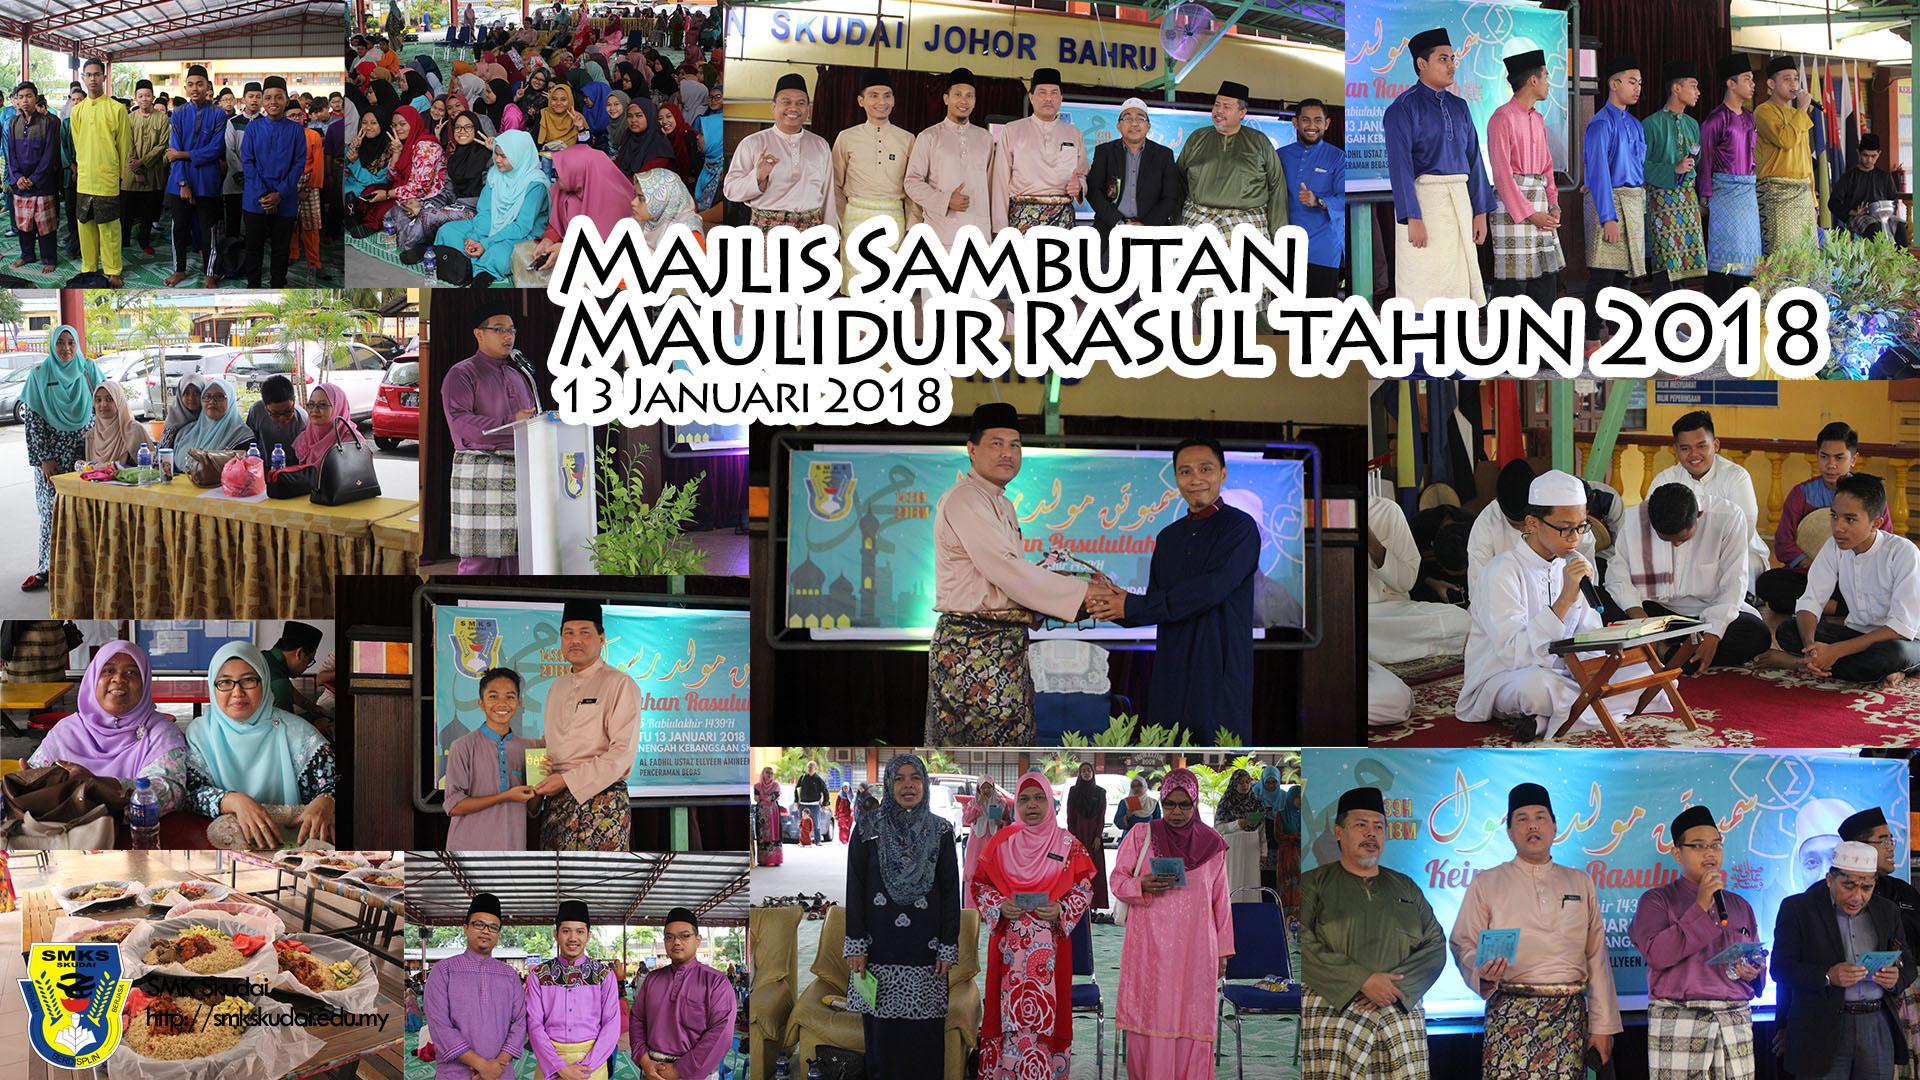 2018-01-13 Majlis Sambutan Maulidur Rasul 1439H